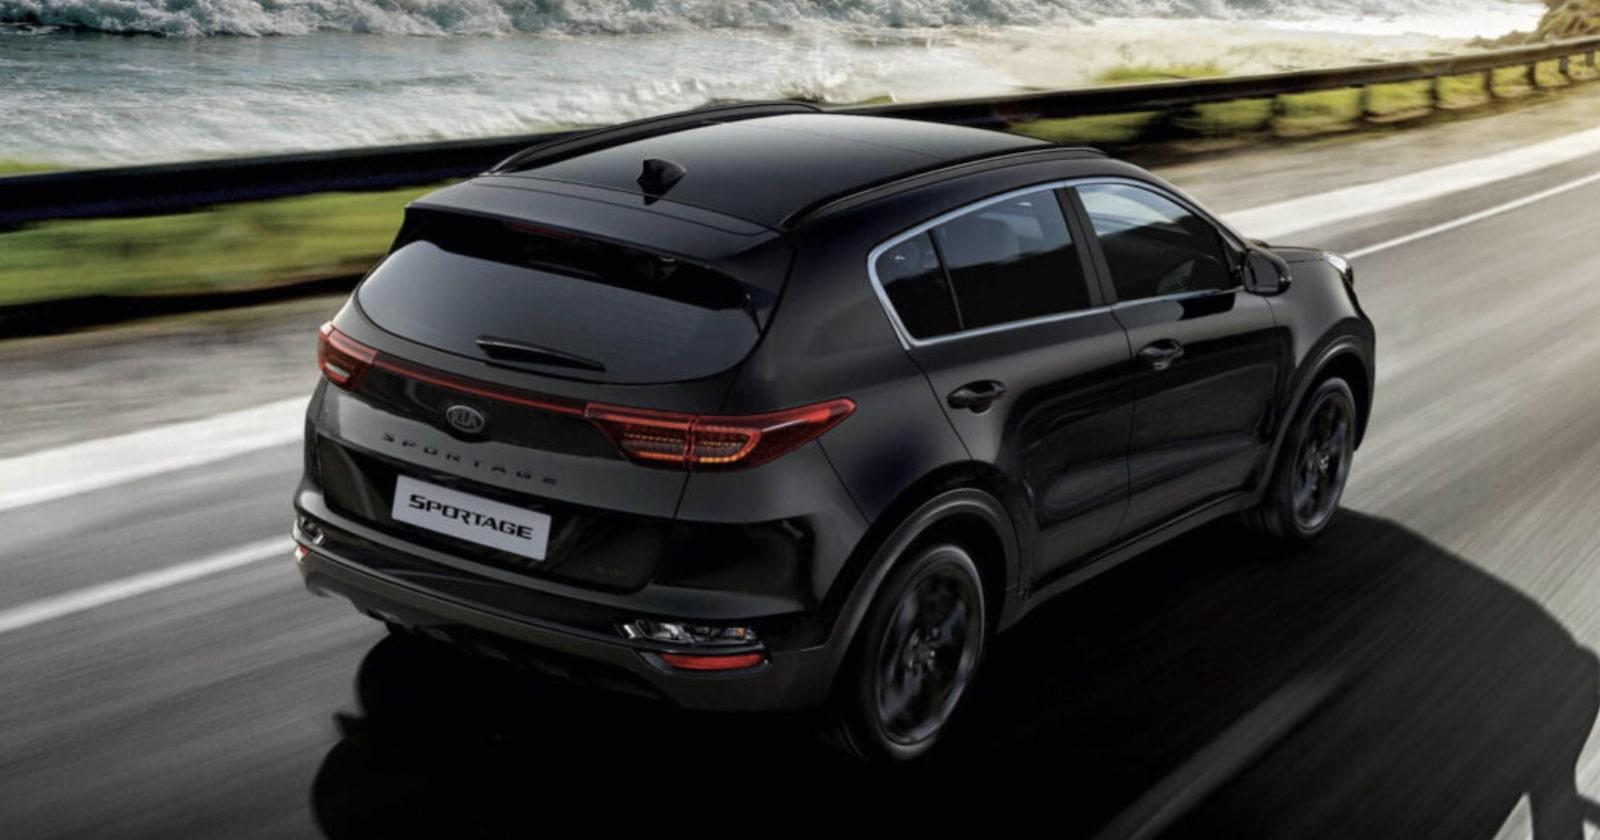 2021 kia sportage black edition eylül ayı satış fiyatı